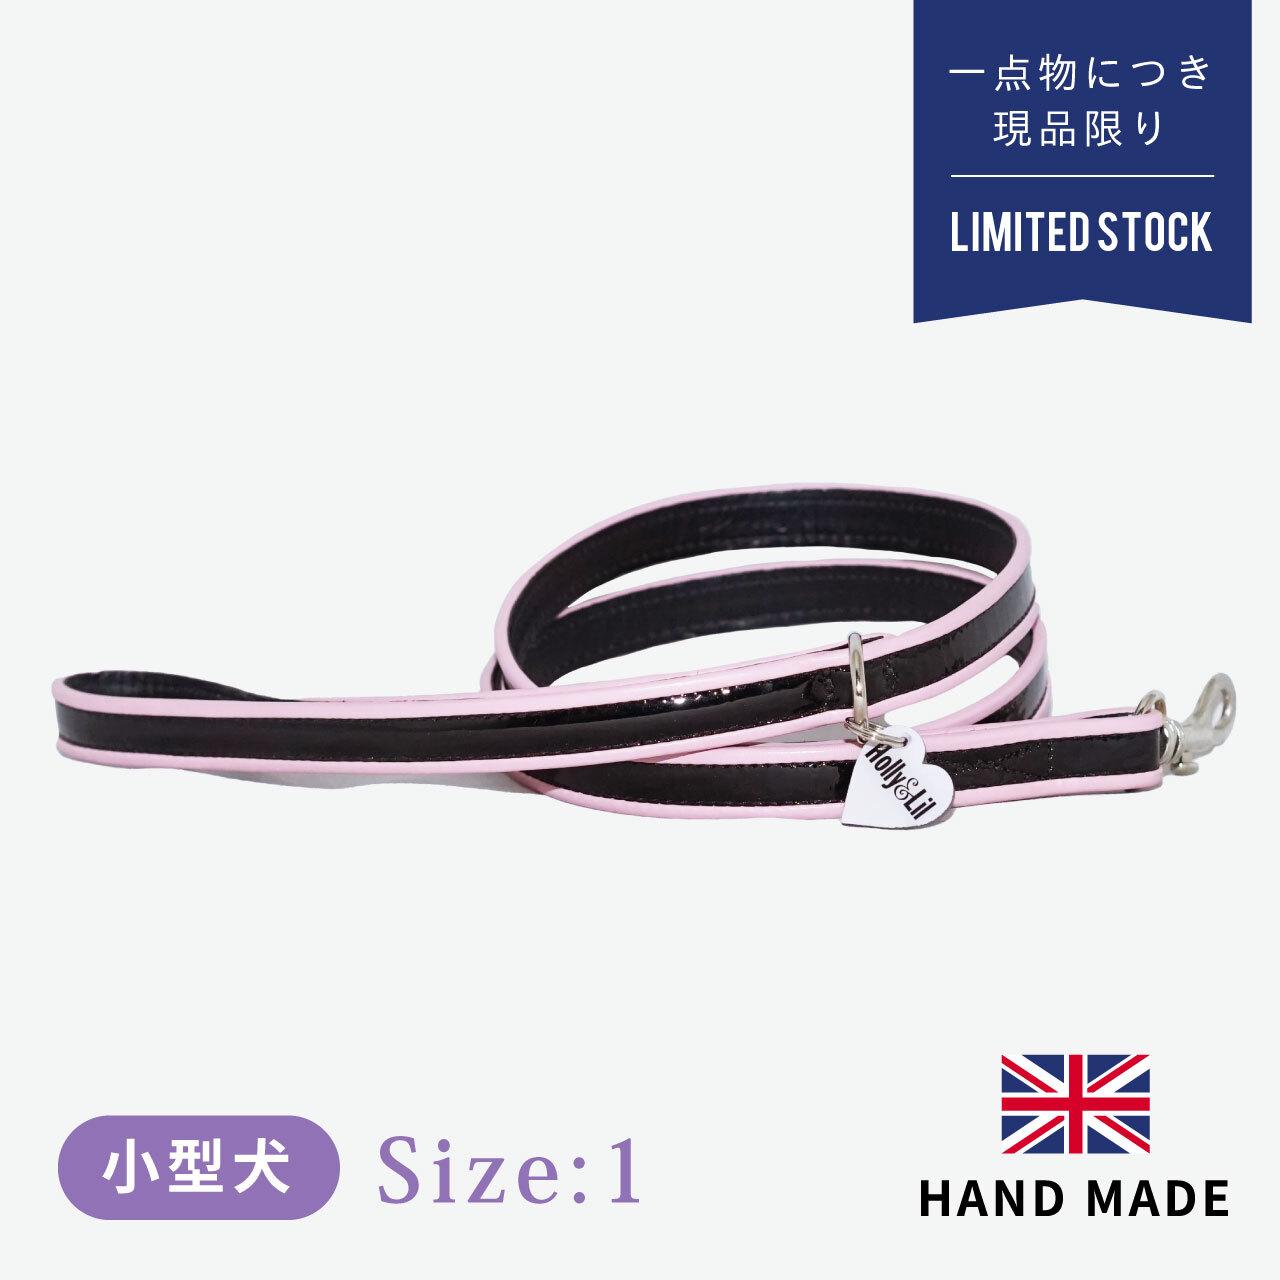 ホリー&リル バンドボックス ピンク リード 幅:1.5cm